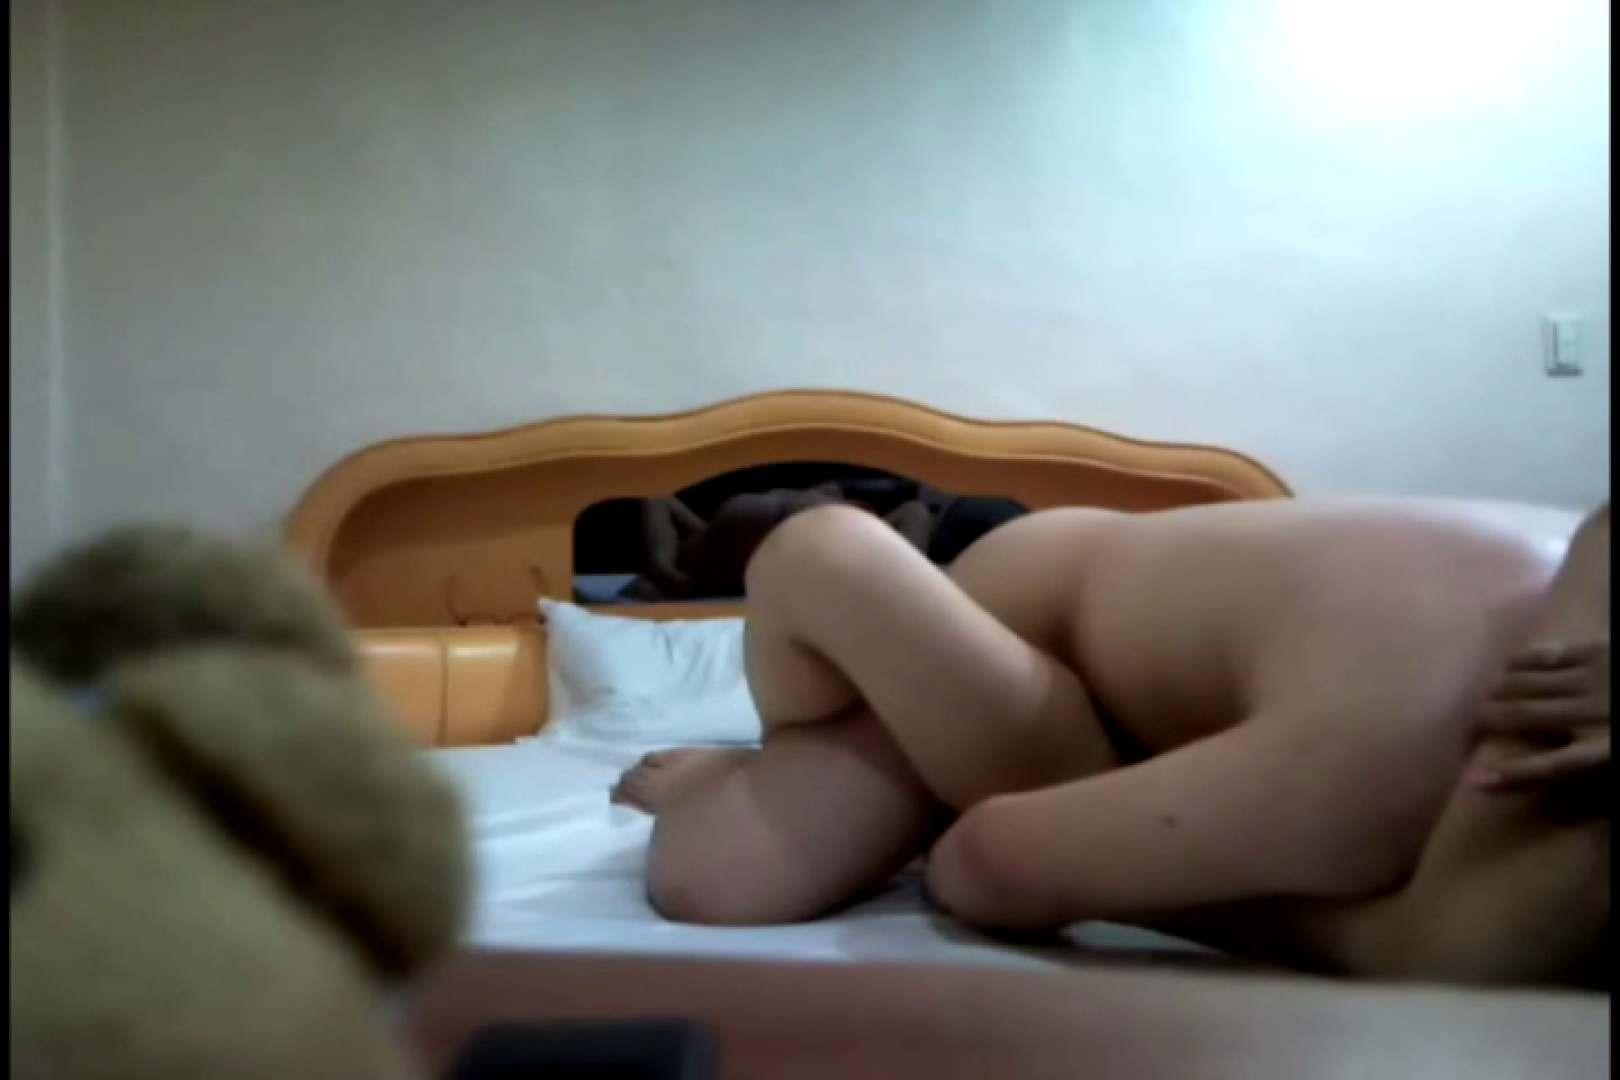 コリアン素人流出シリーズ ラブホテル隠し撮り 素人 オマンコ動画キャプチャ 46連発 42